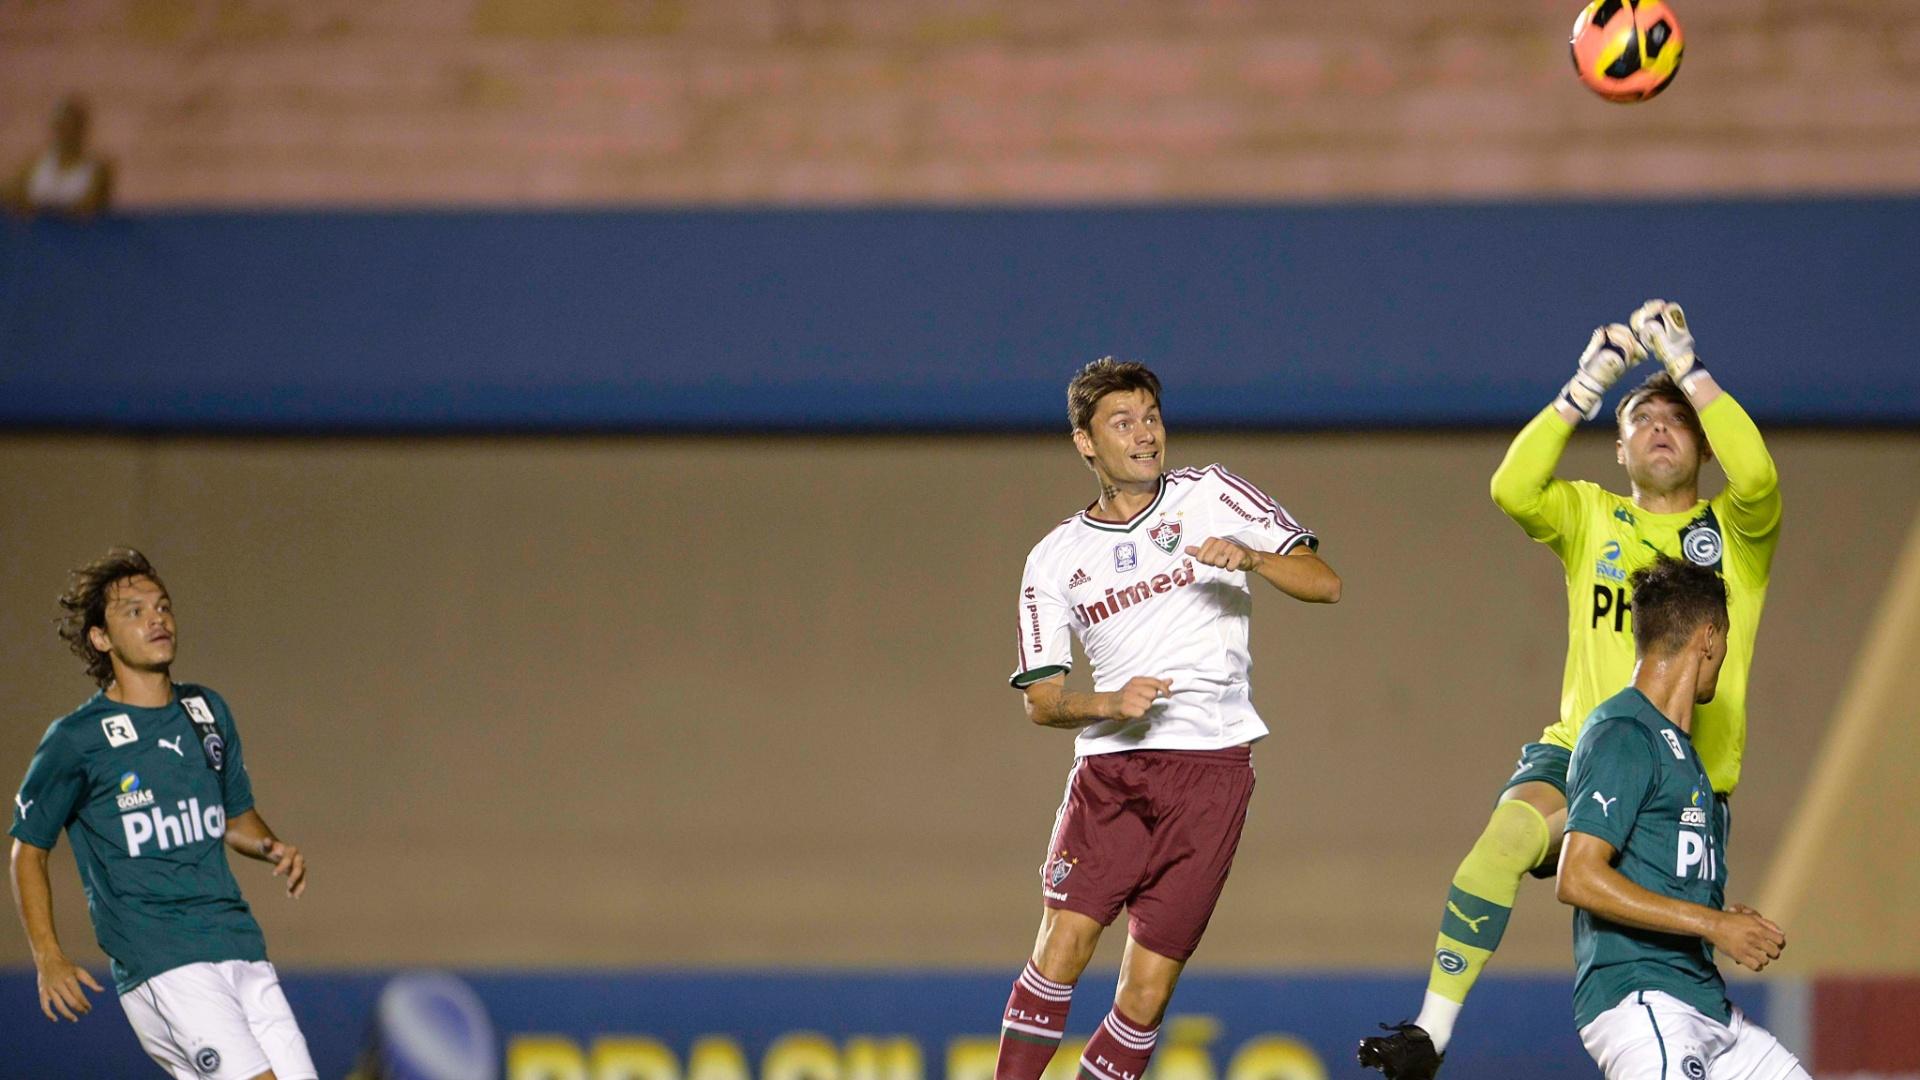 28.set.2013 - Rafael Sóbis, do Fluminense, disputa a bola no alto com o goleiro Renan, do Goiás, em jogo do Campeonato Brasileiro